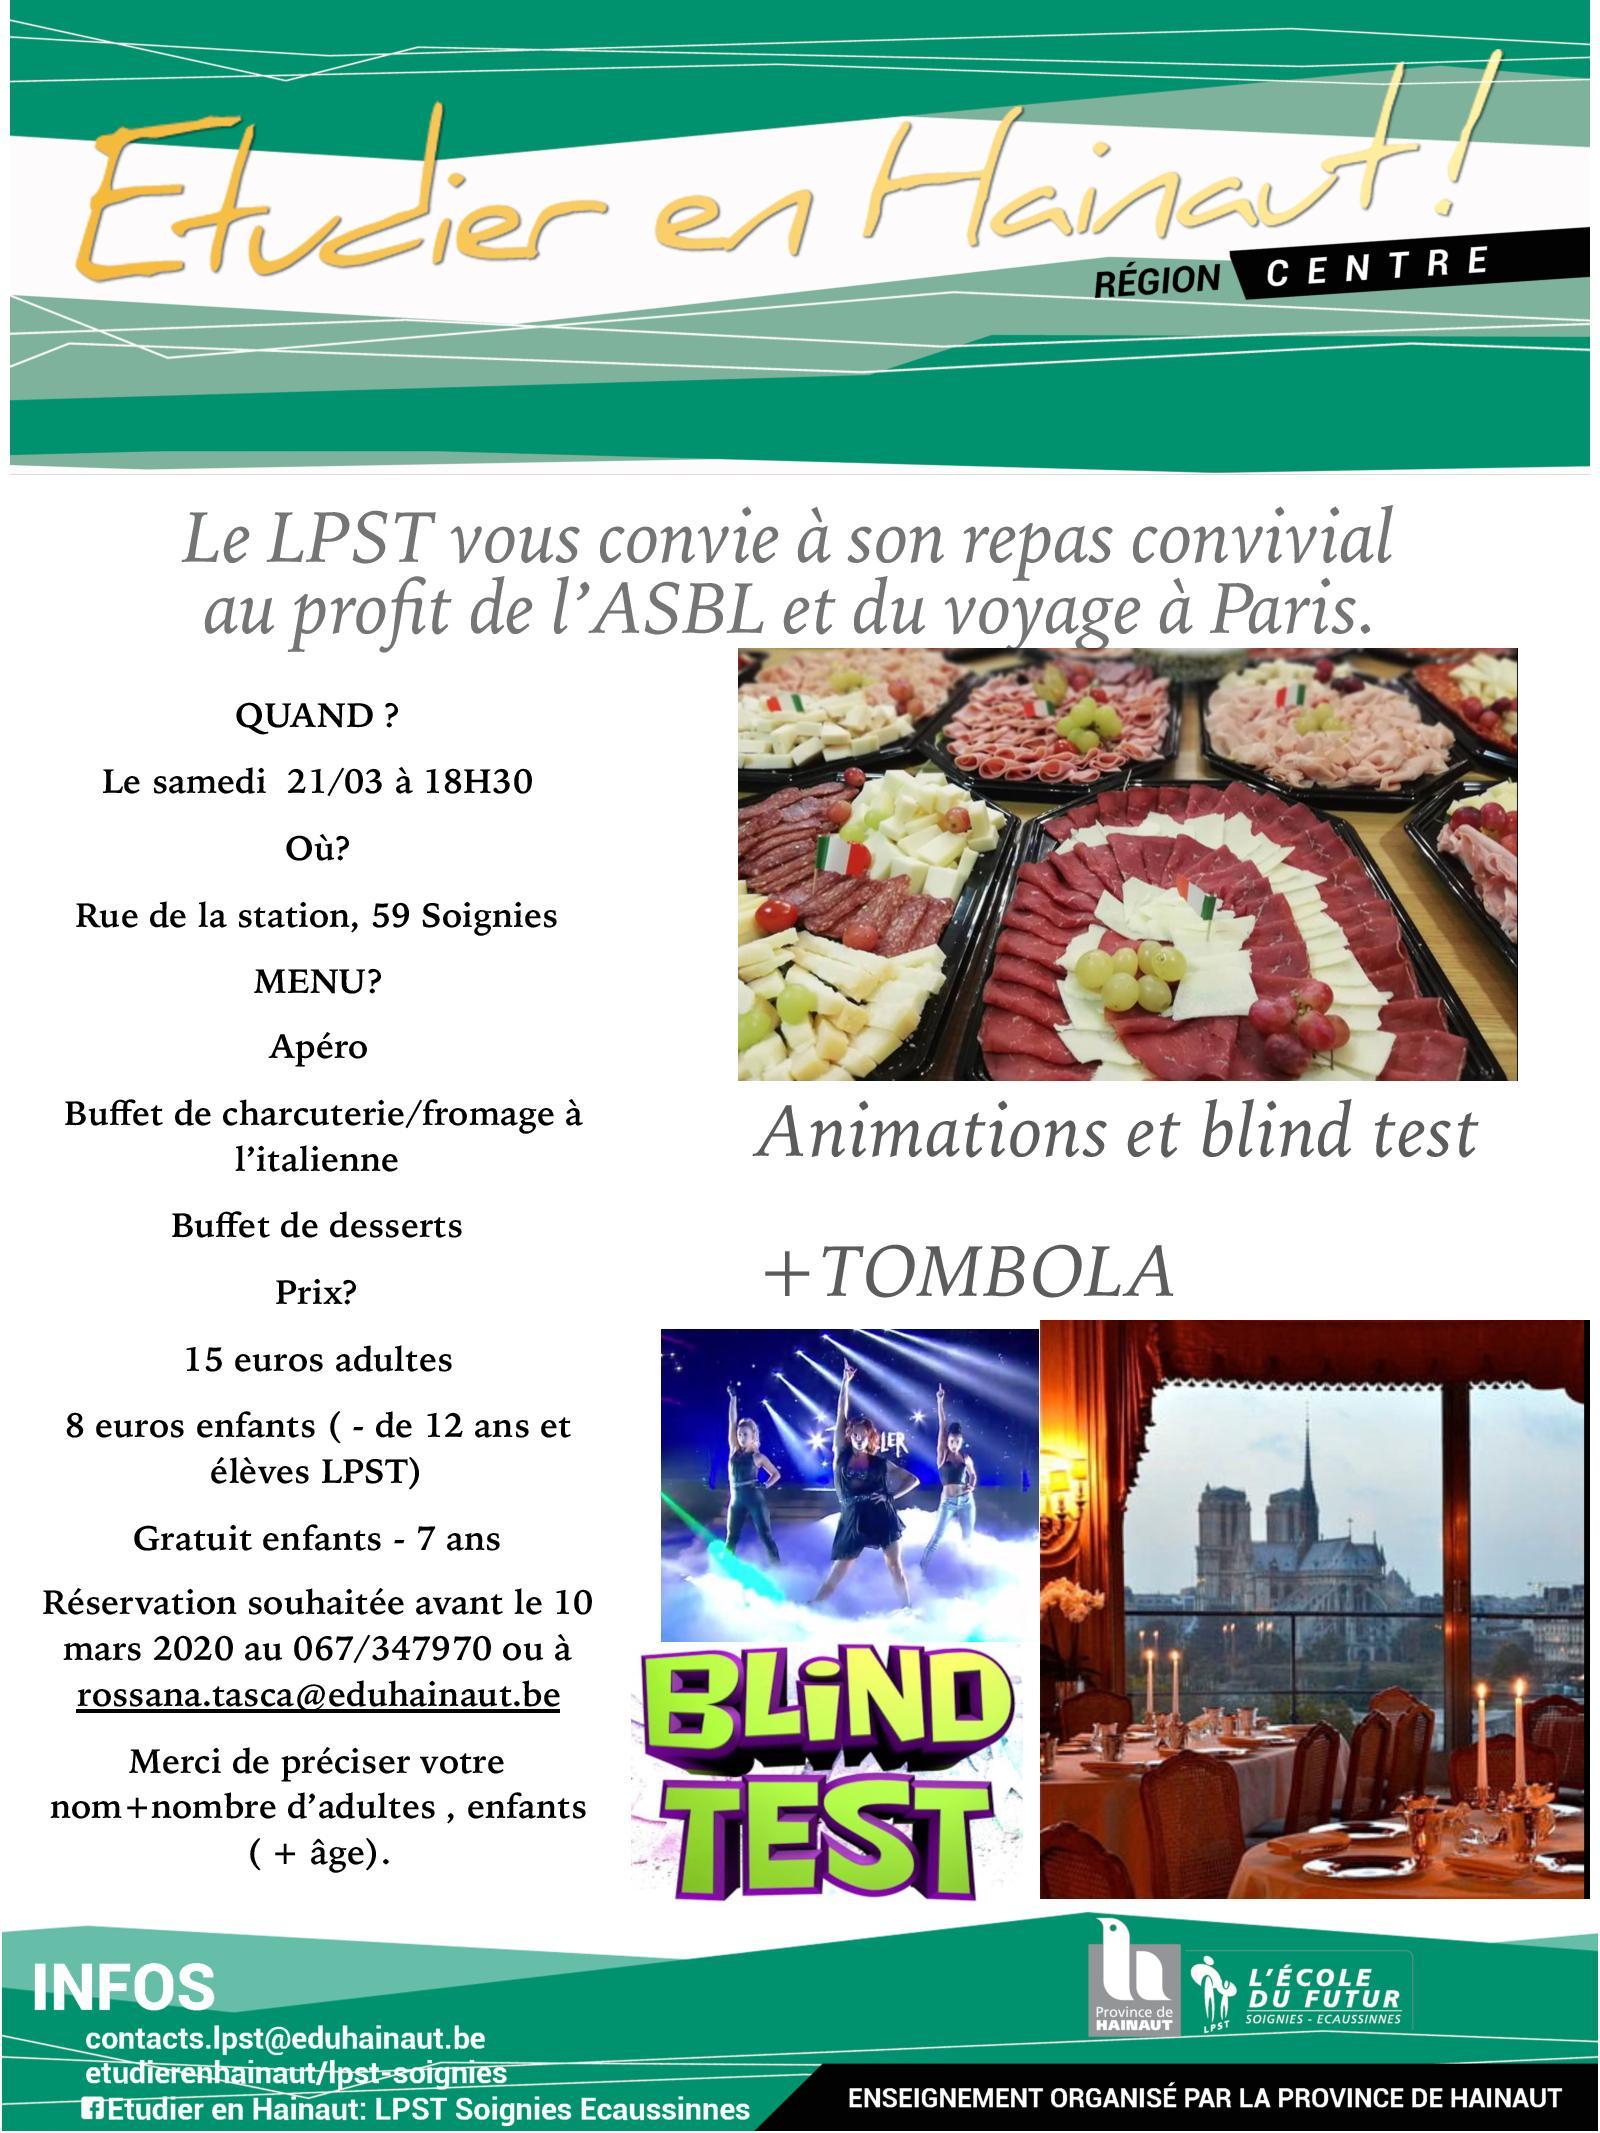 Souper convivial au profit de l'ASBL et du voyage à Paris